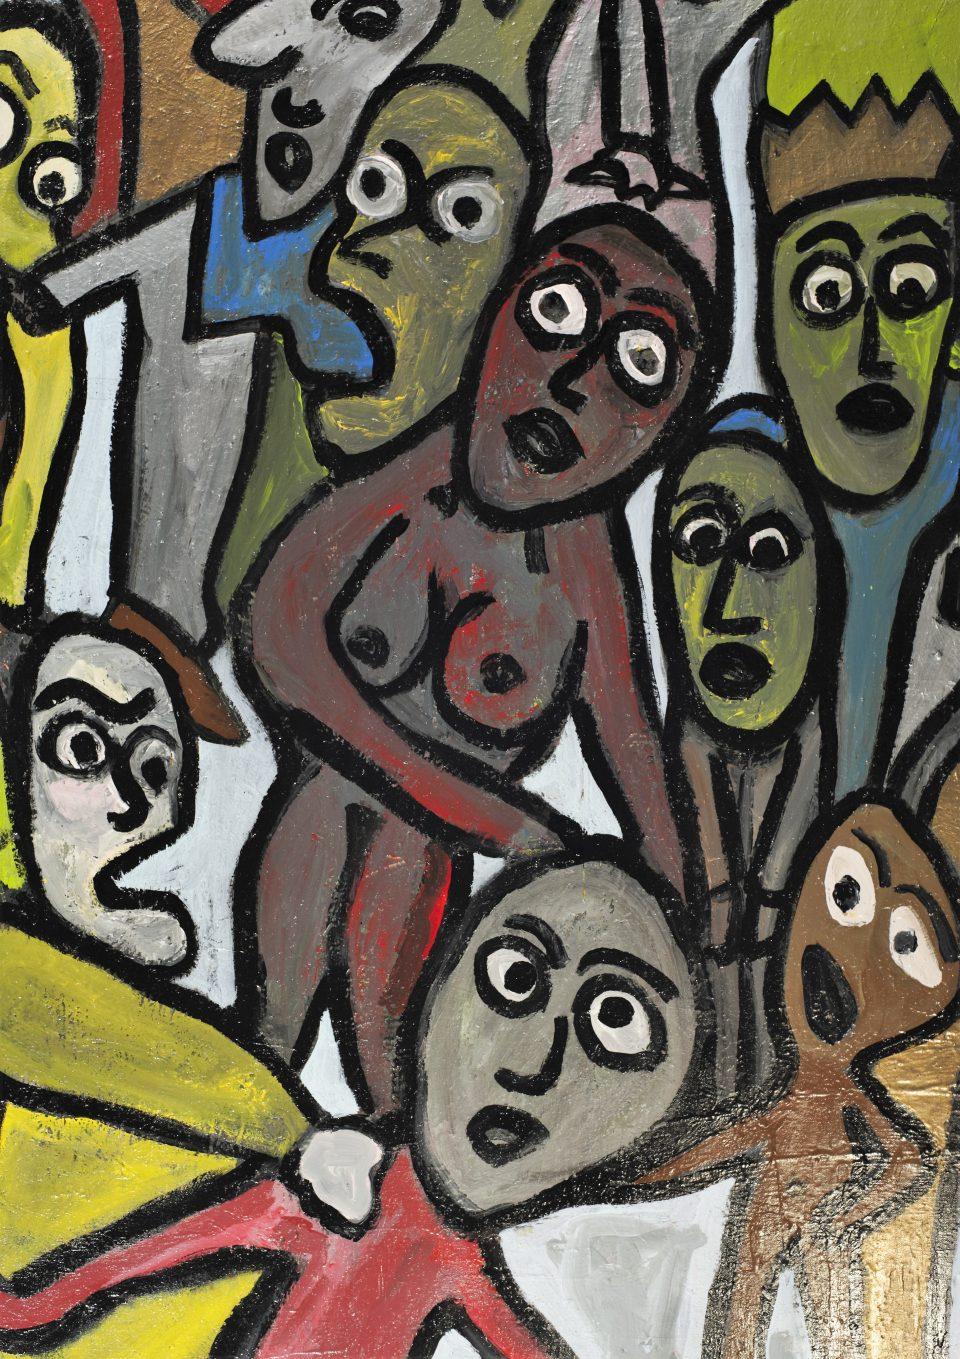 Il mio studio era su strada, difronte risiedeva l'Opera delle Sorelle di Calcutta